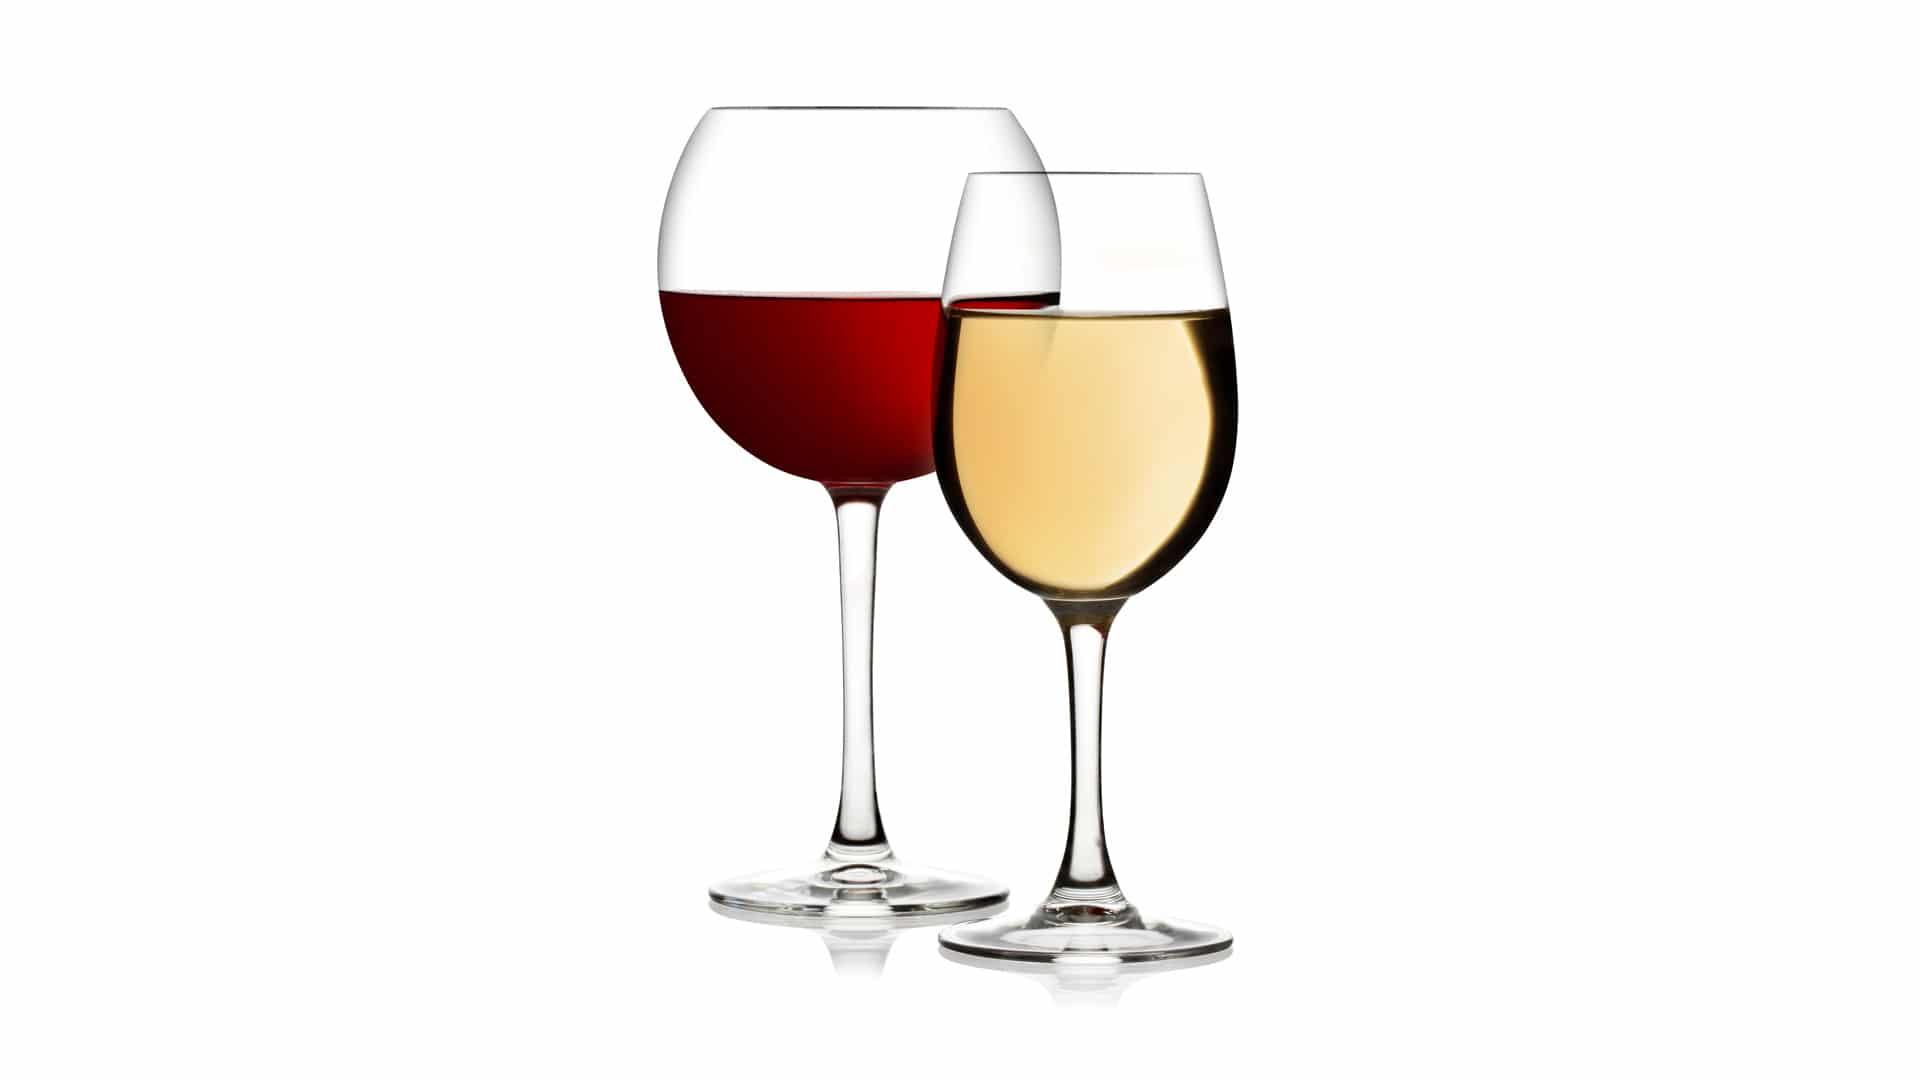 Bicchieri di vino rosso e bianco